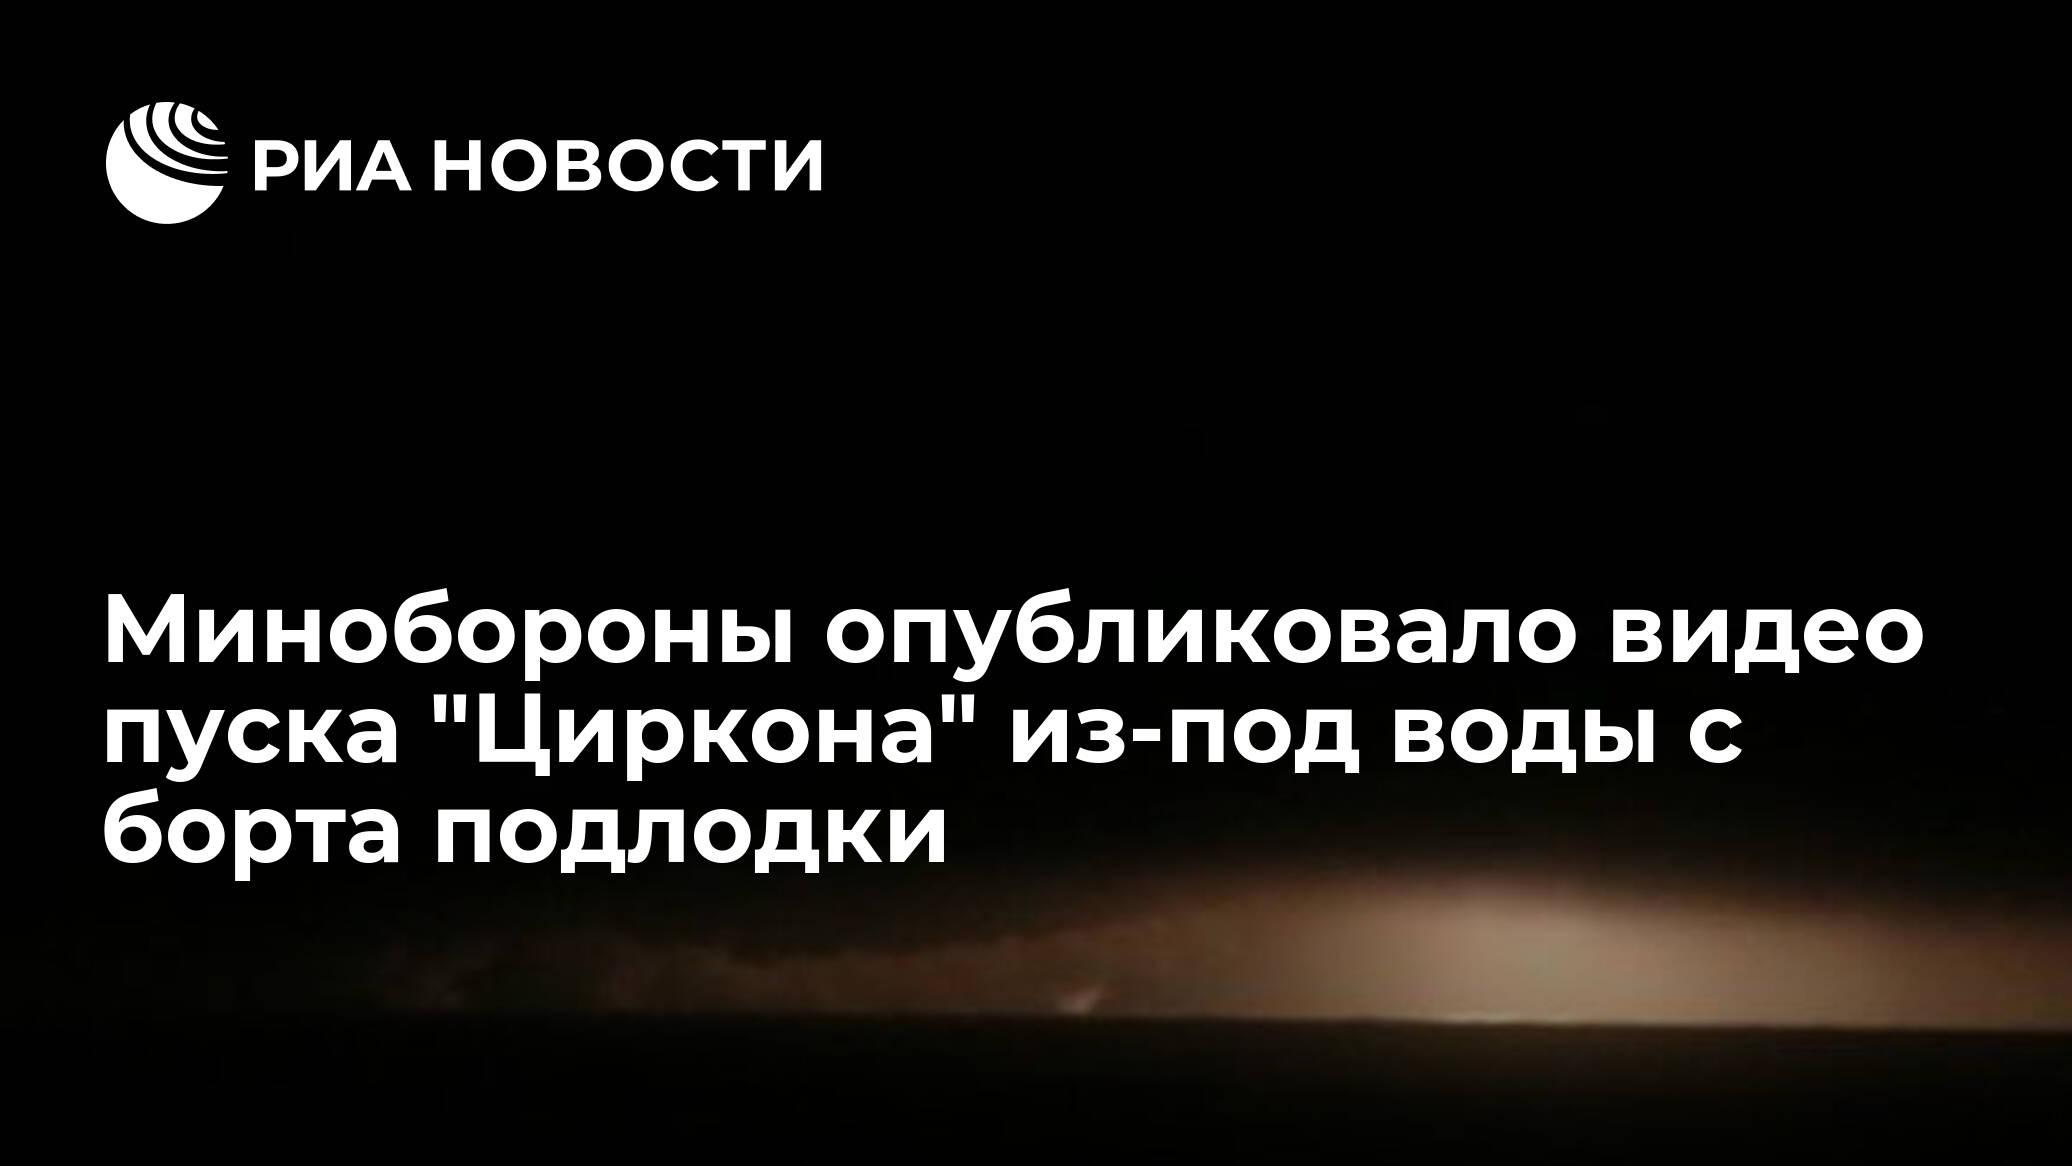 """Минобороны опубликовало видео пуска """"Циркона"""" из-под воды с борта подлодки"""